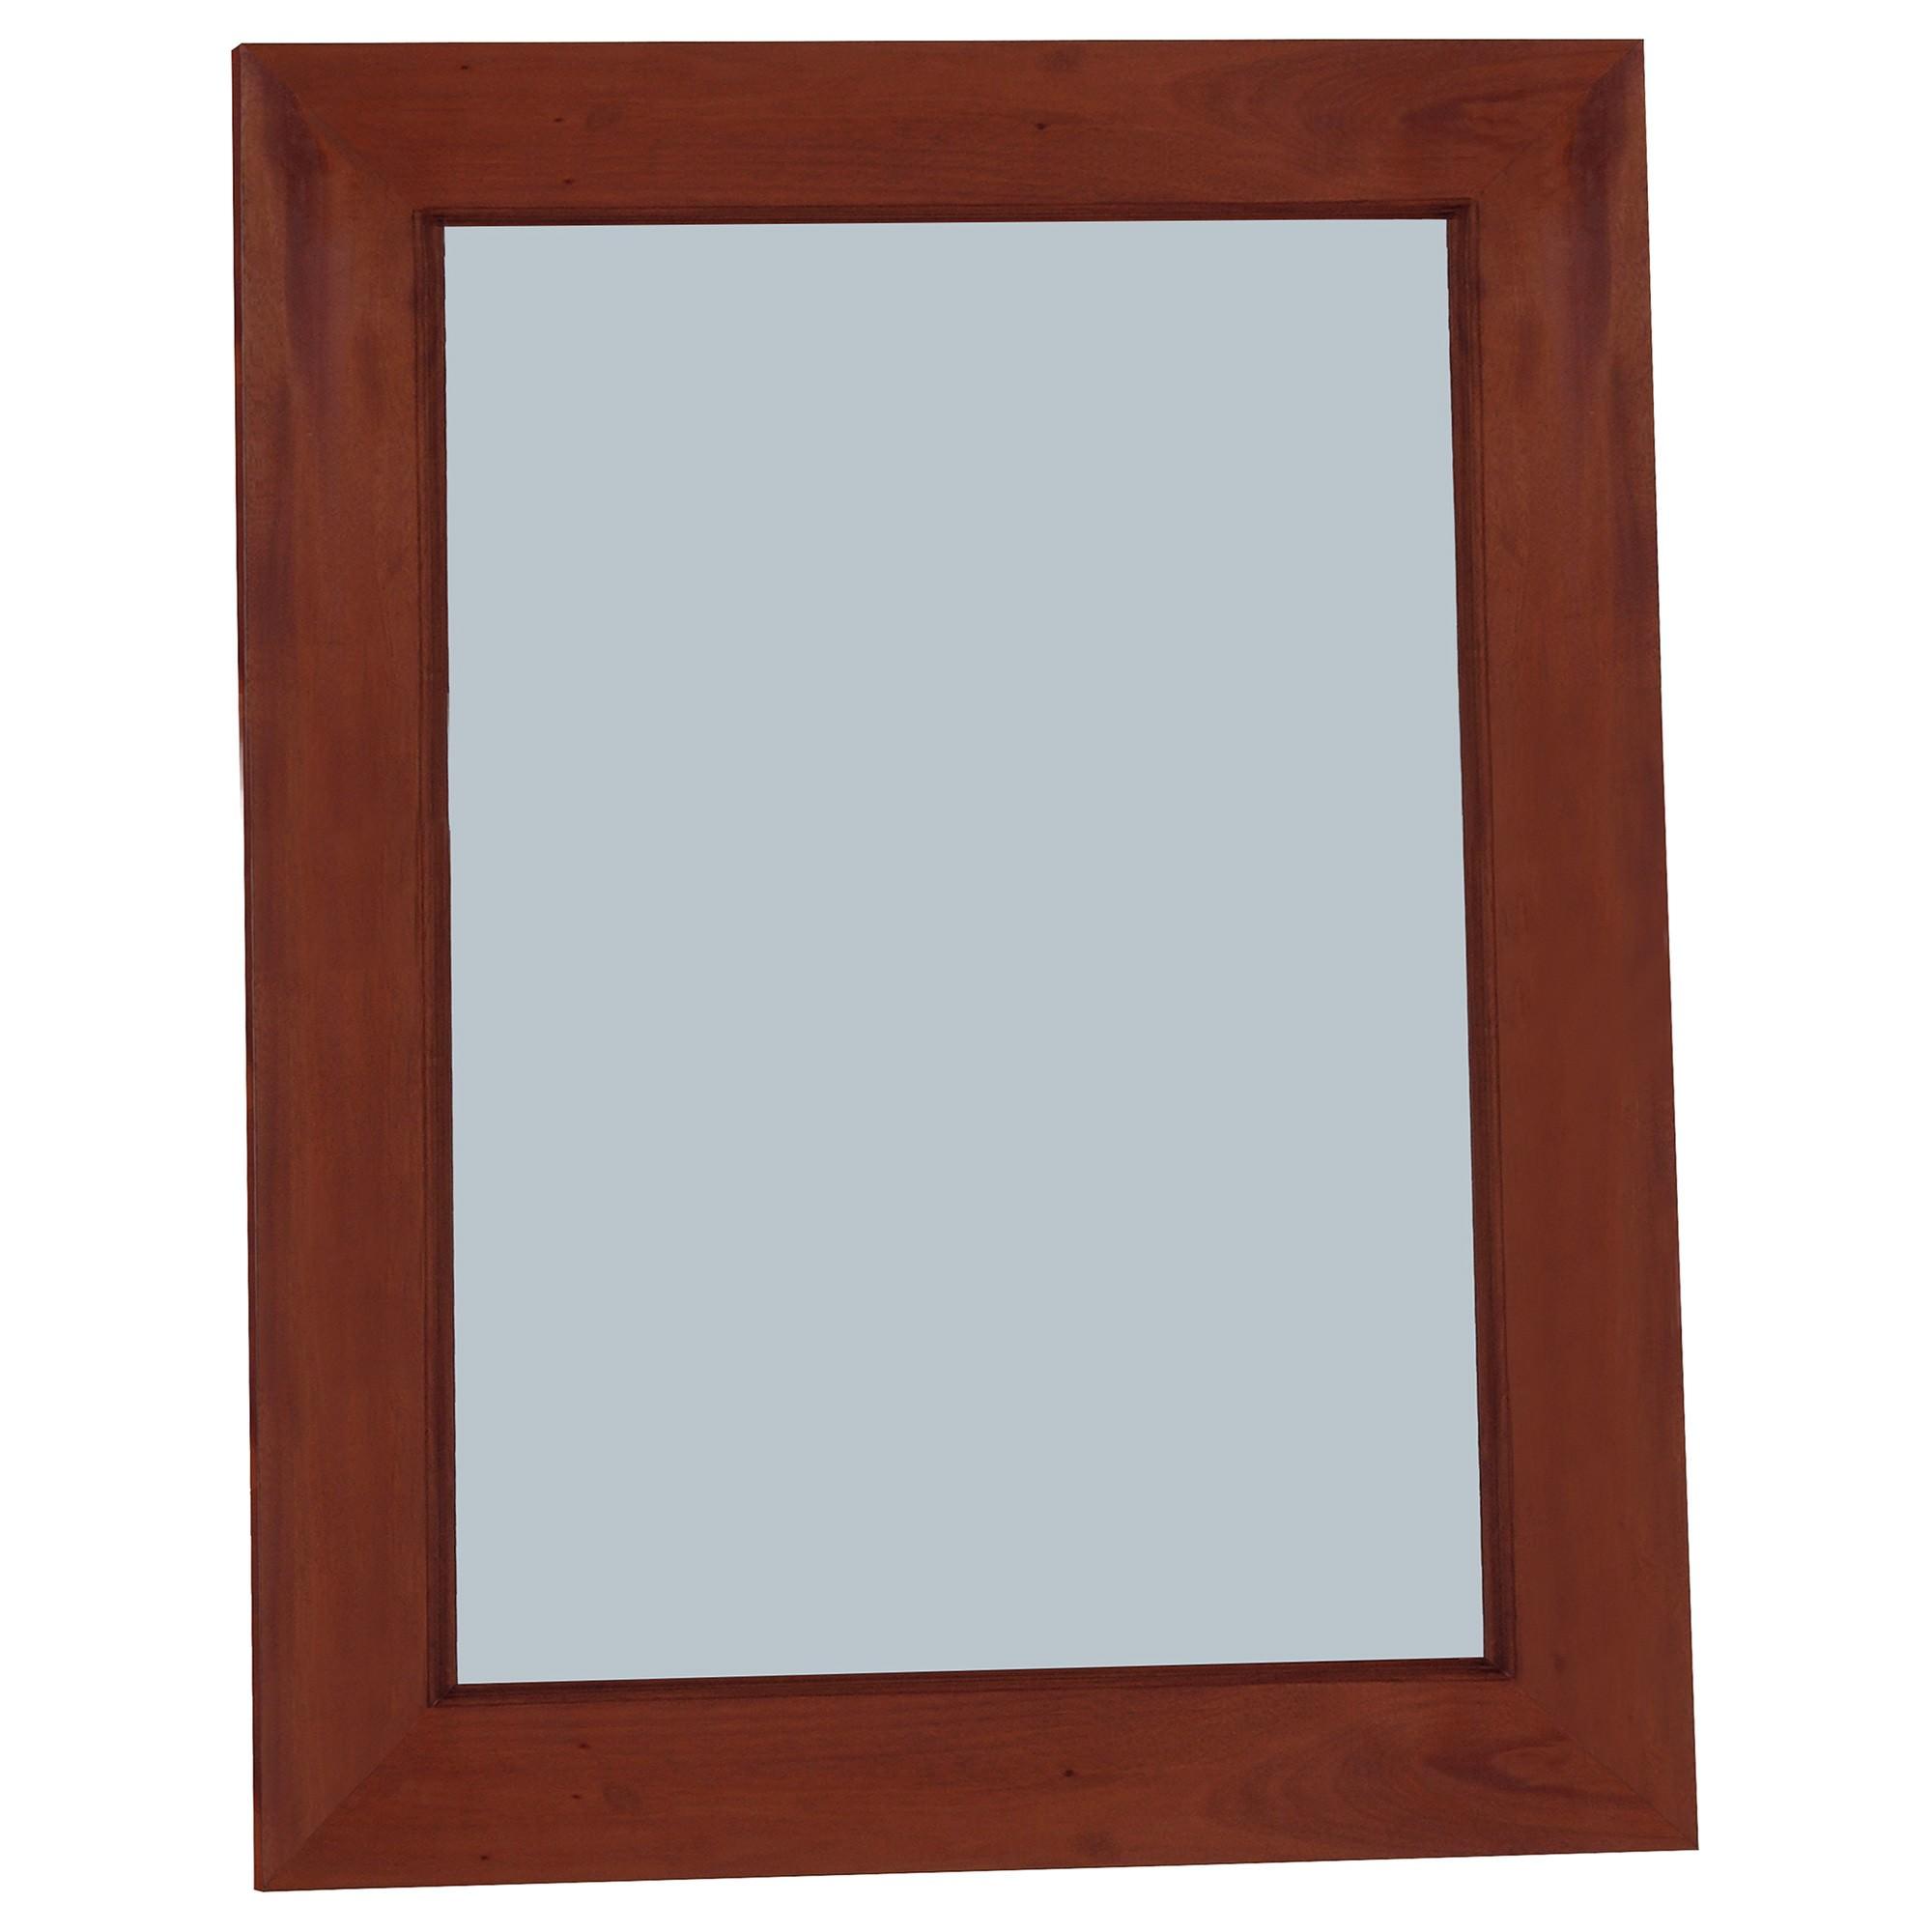 Colin Mahogany Timber Frame Wall Mirror, 90cm, Mahogany